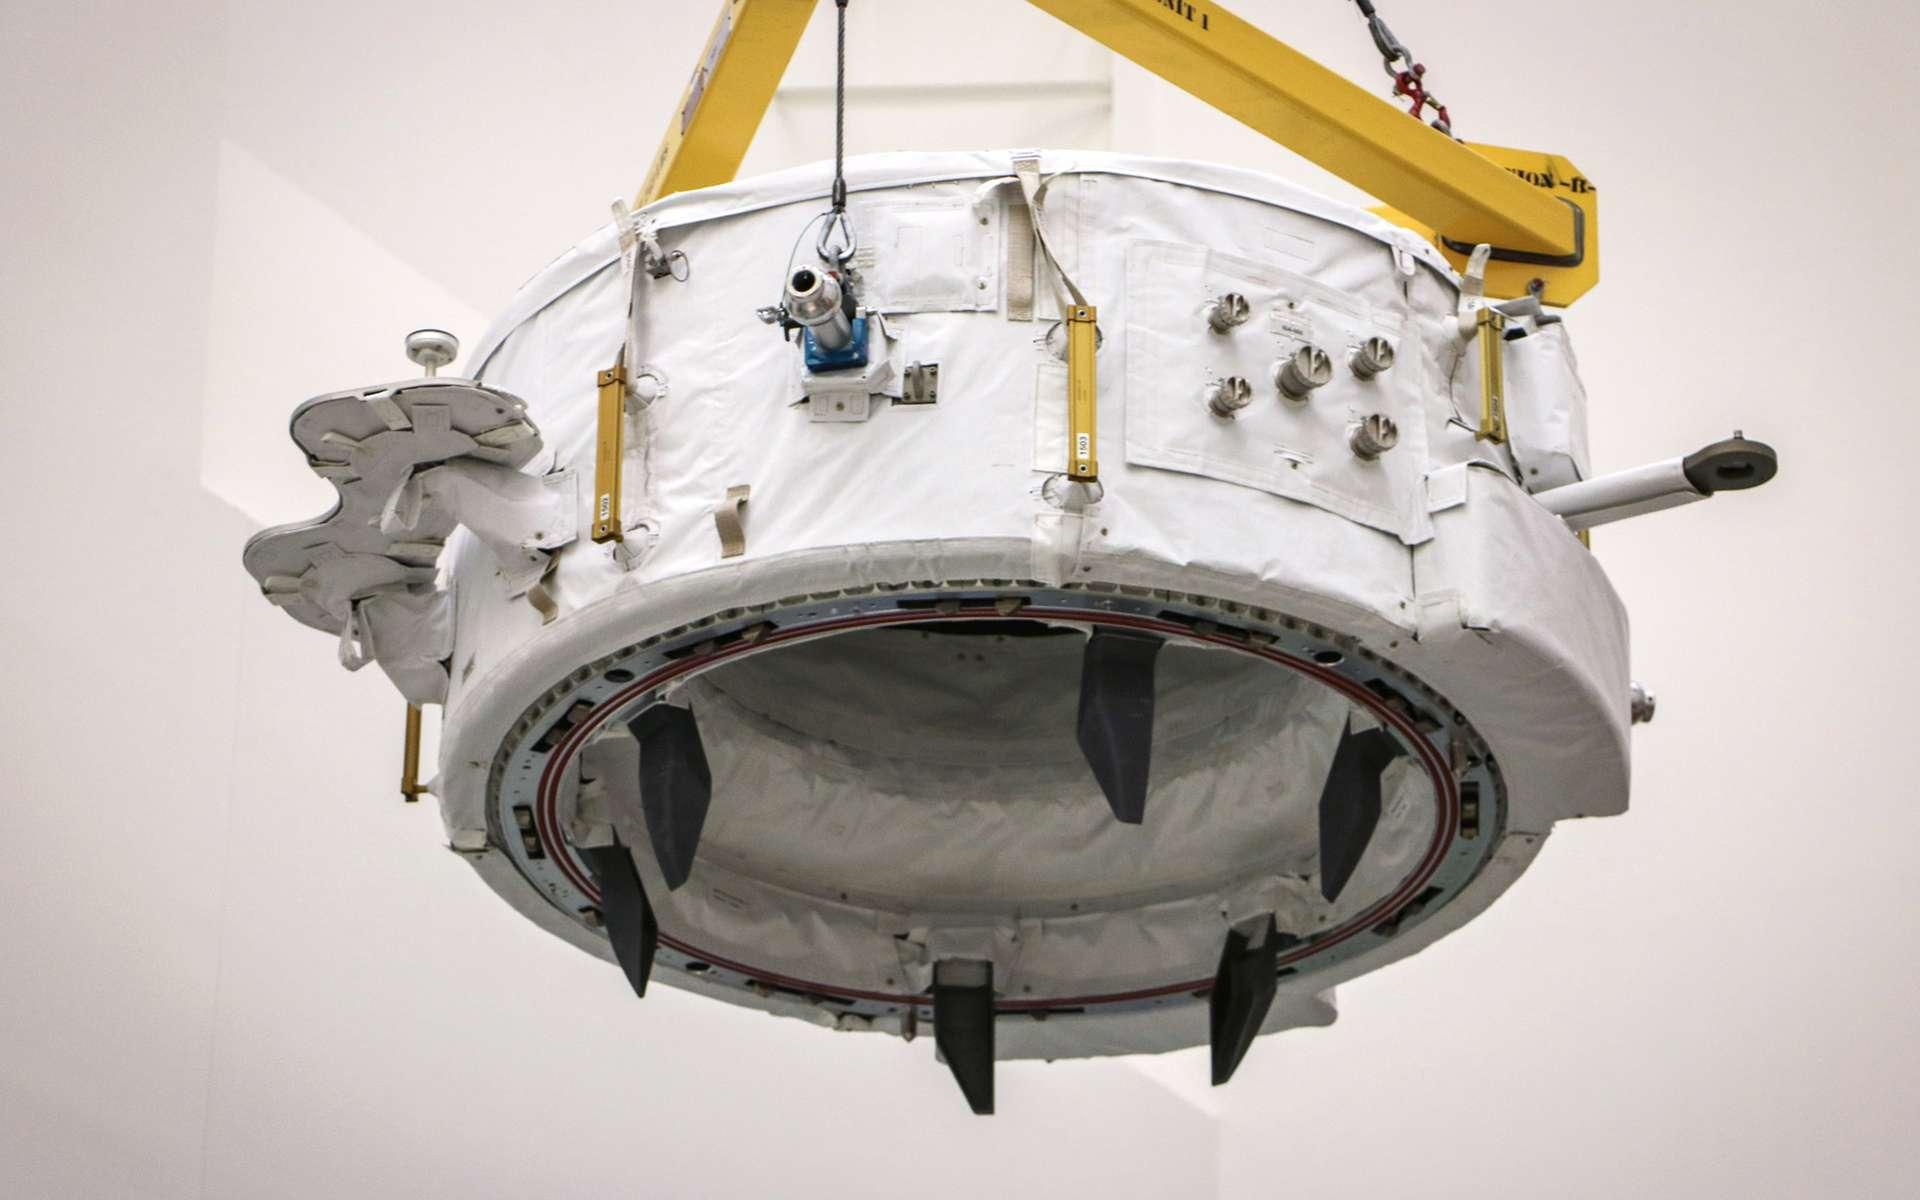 Un des deux adaptateurs pour amarrer à la Station spatiale les véhicules habités de SpaceX et de Boeing. Il est vu ici lors de son installation dans la partie non pressurisée de la capsule Dragon qui l'a amené à bord de l'ISS en juillet 2016. Deux sont prévus. Le premier vient d'être installé et sera utilisé de façon permanente. La Nasa prévoit d'installer le deuxième dans le courant de l'année 2018. Il sera utilisé comme point d'amarrage de secours. © SpaceX